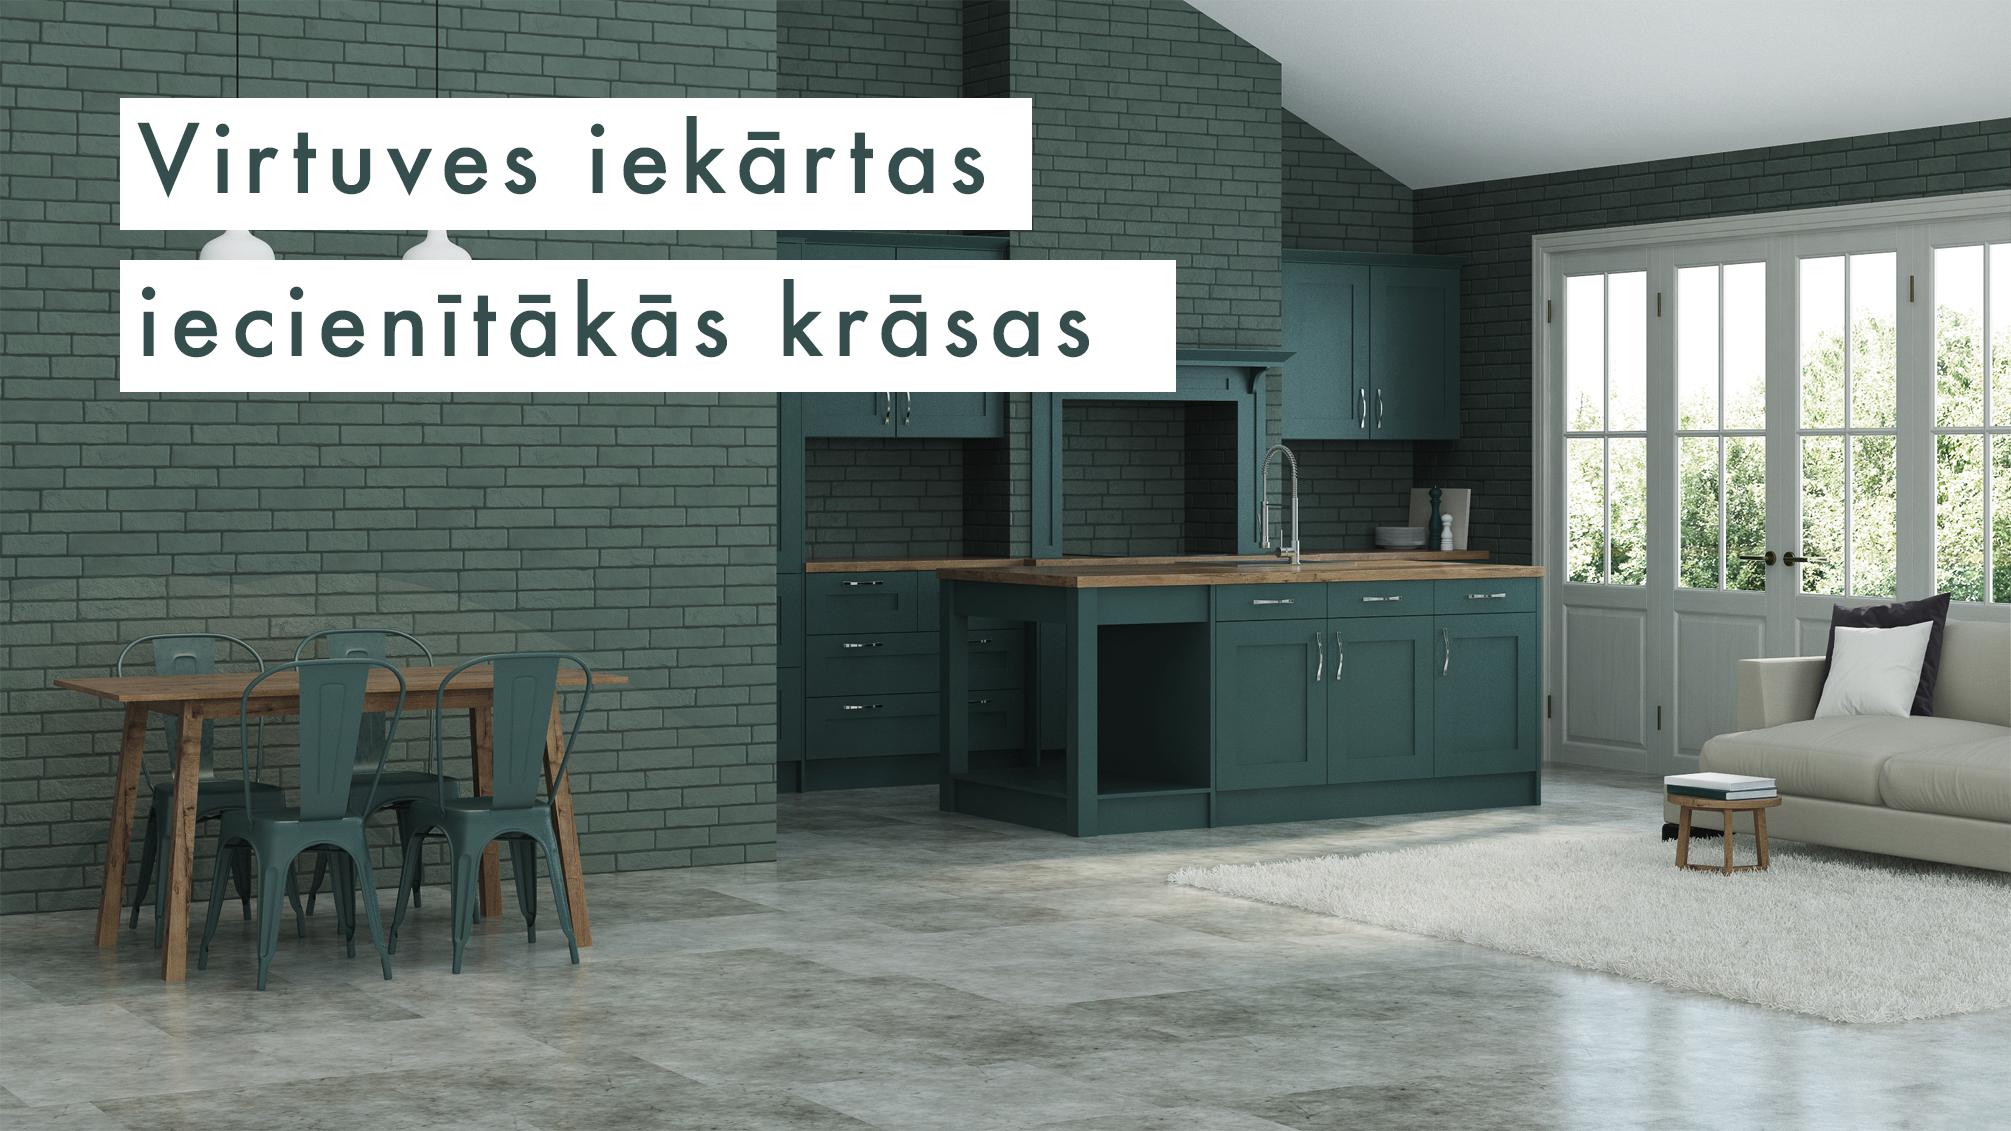 Virtuves iekārtas iecienītākās krāsas | Albero Mēbeles | Blogs